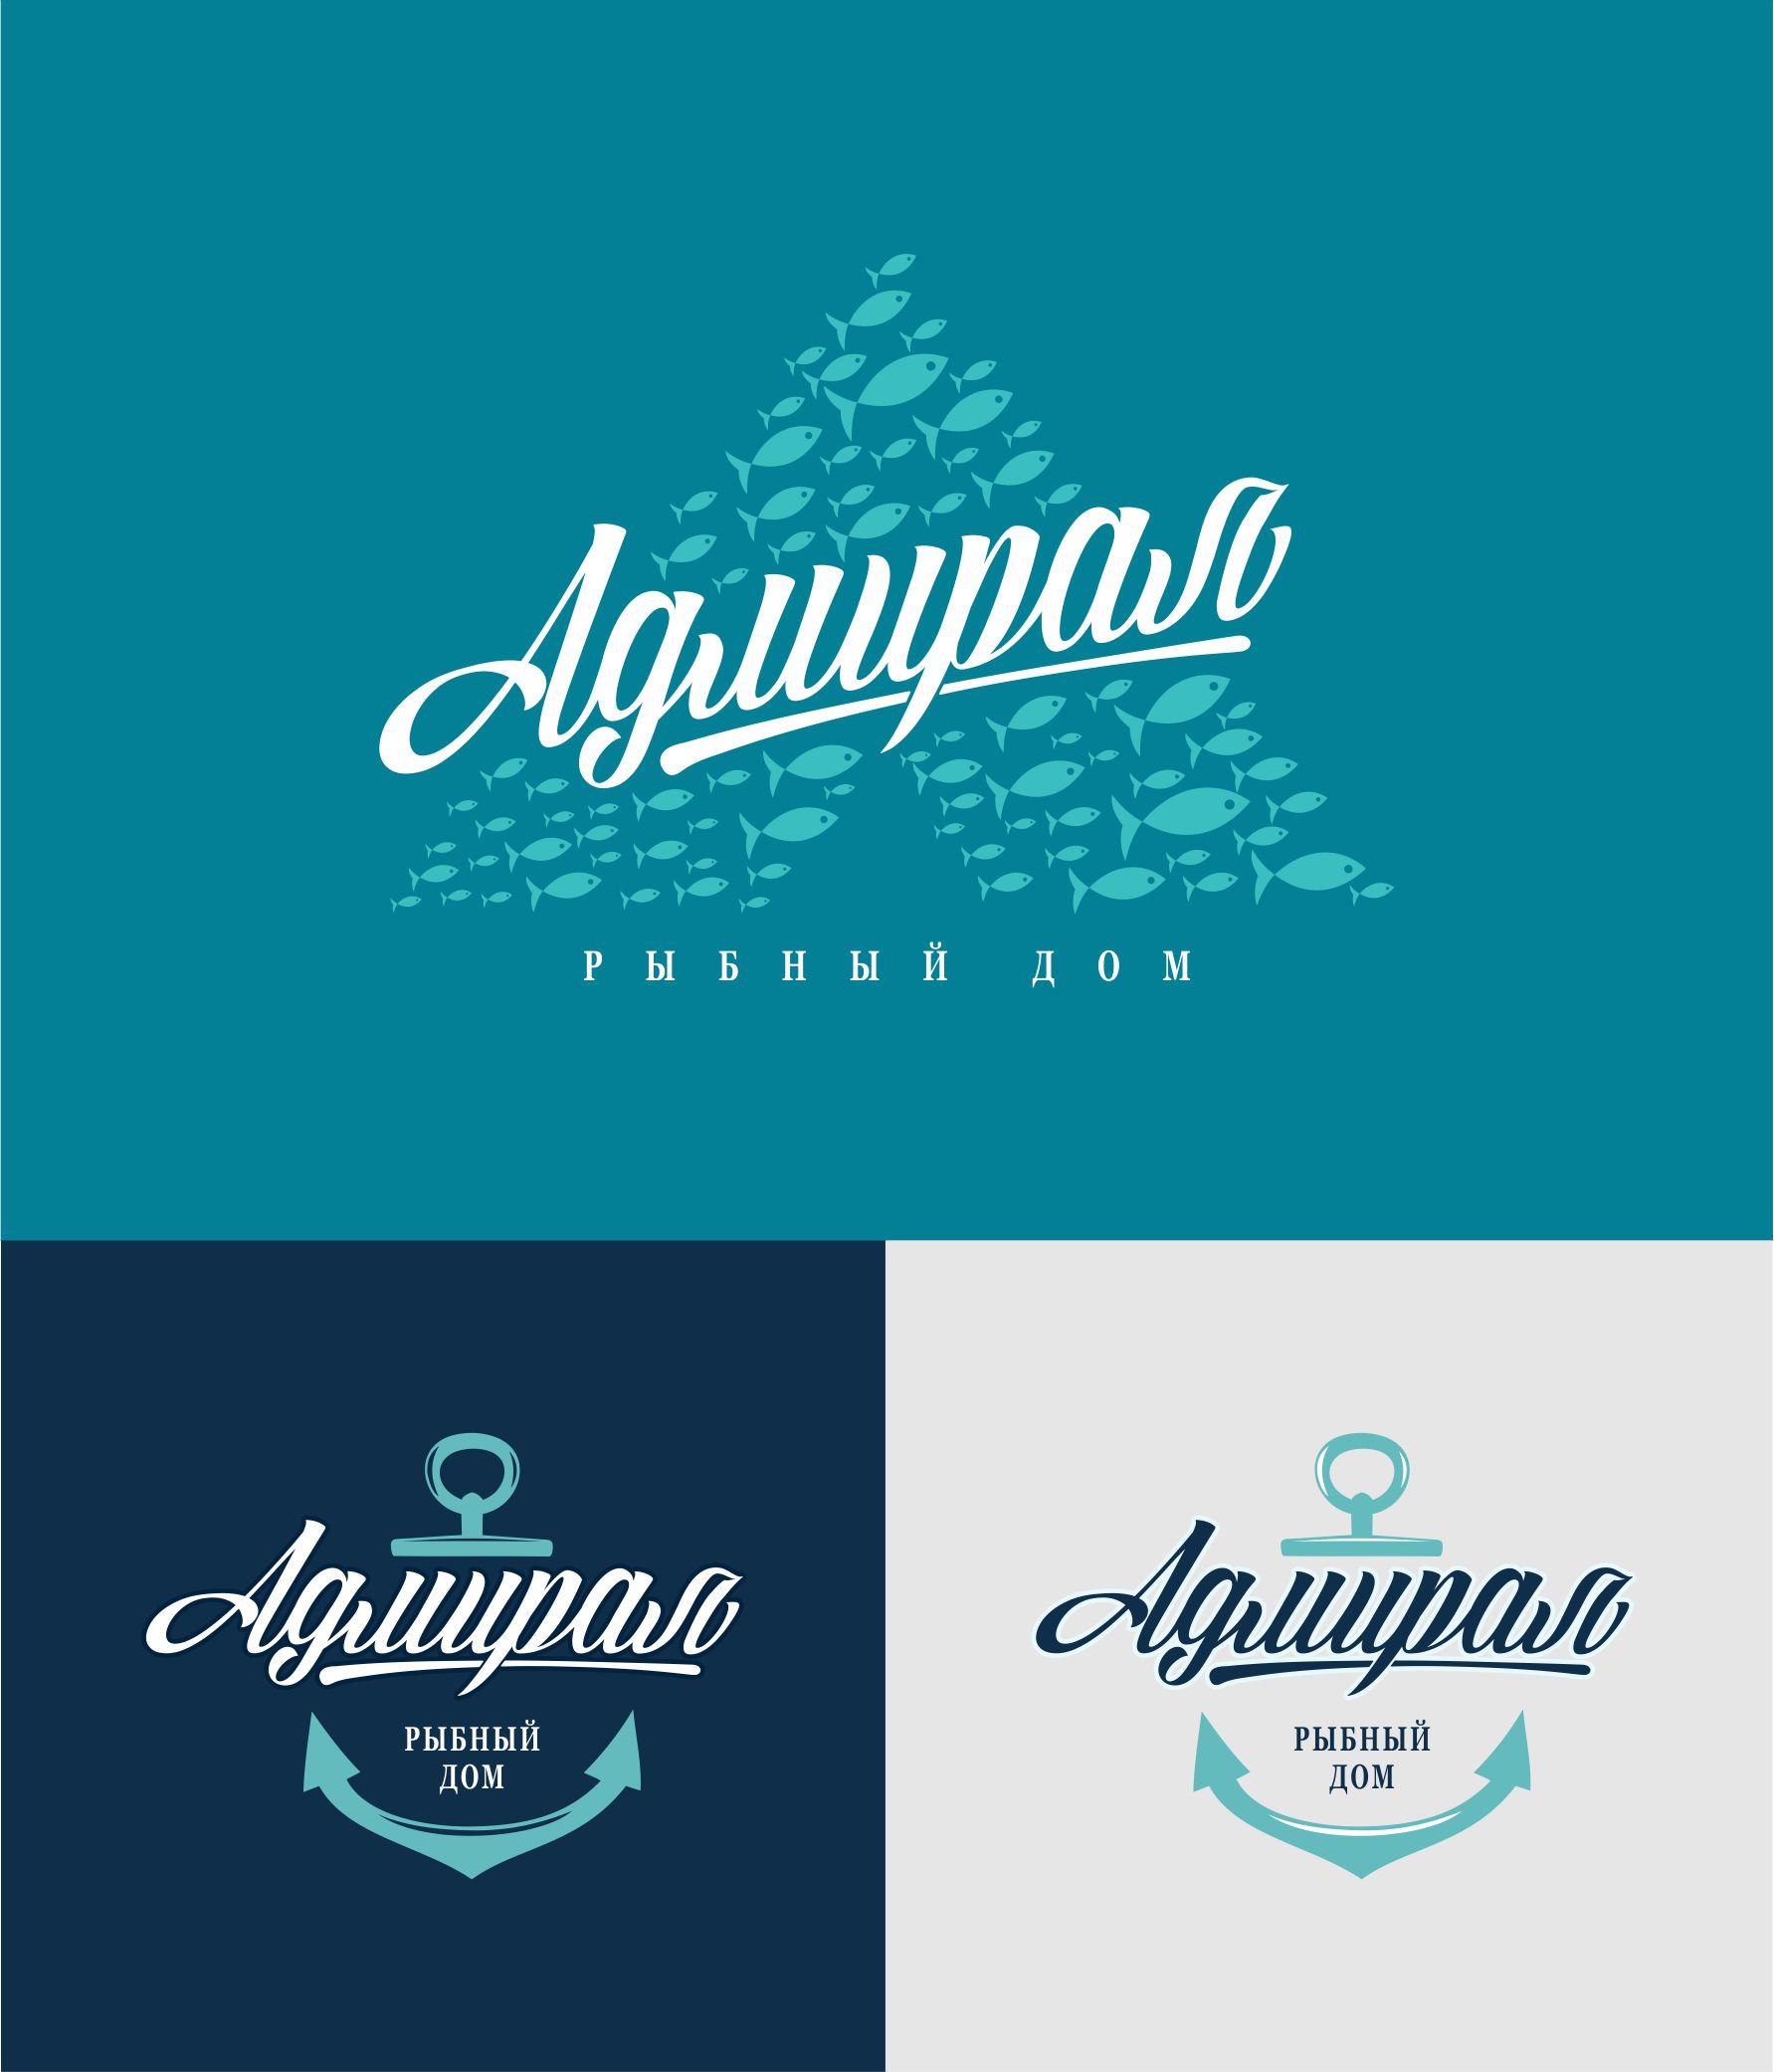 Разработка фирменного стиля для рыбного магазина фото f_0655a0def9be1aab.jpg